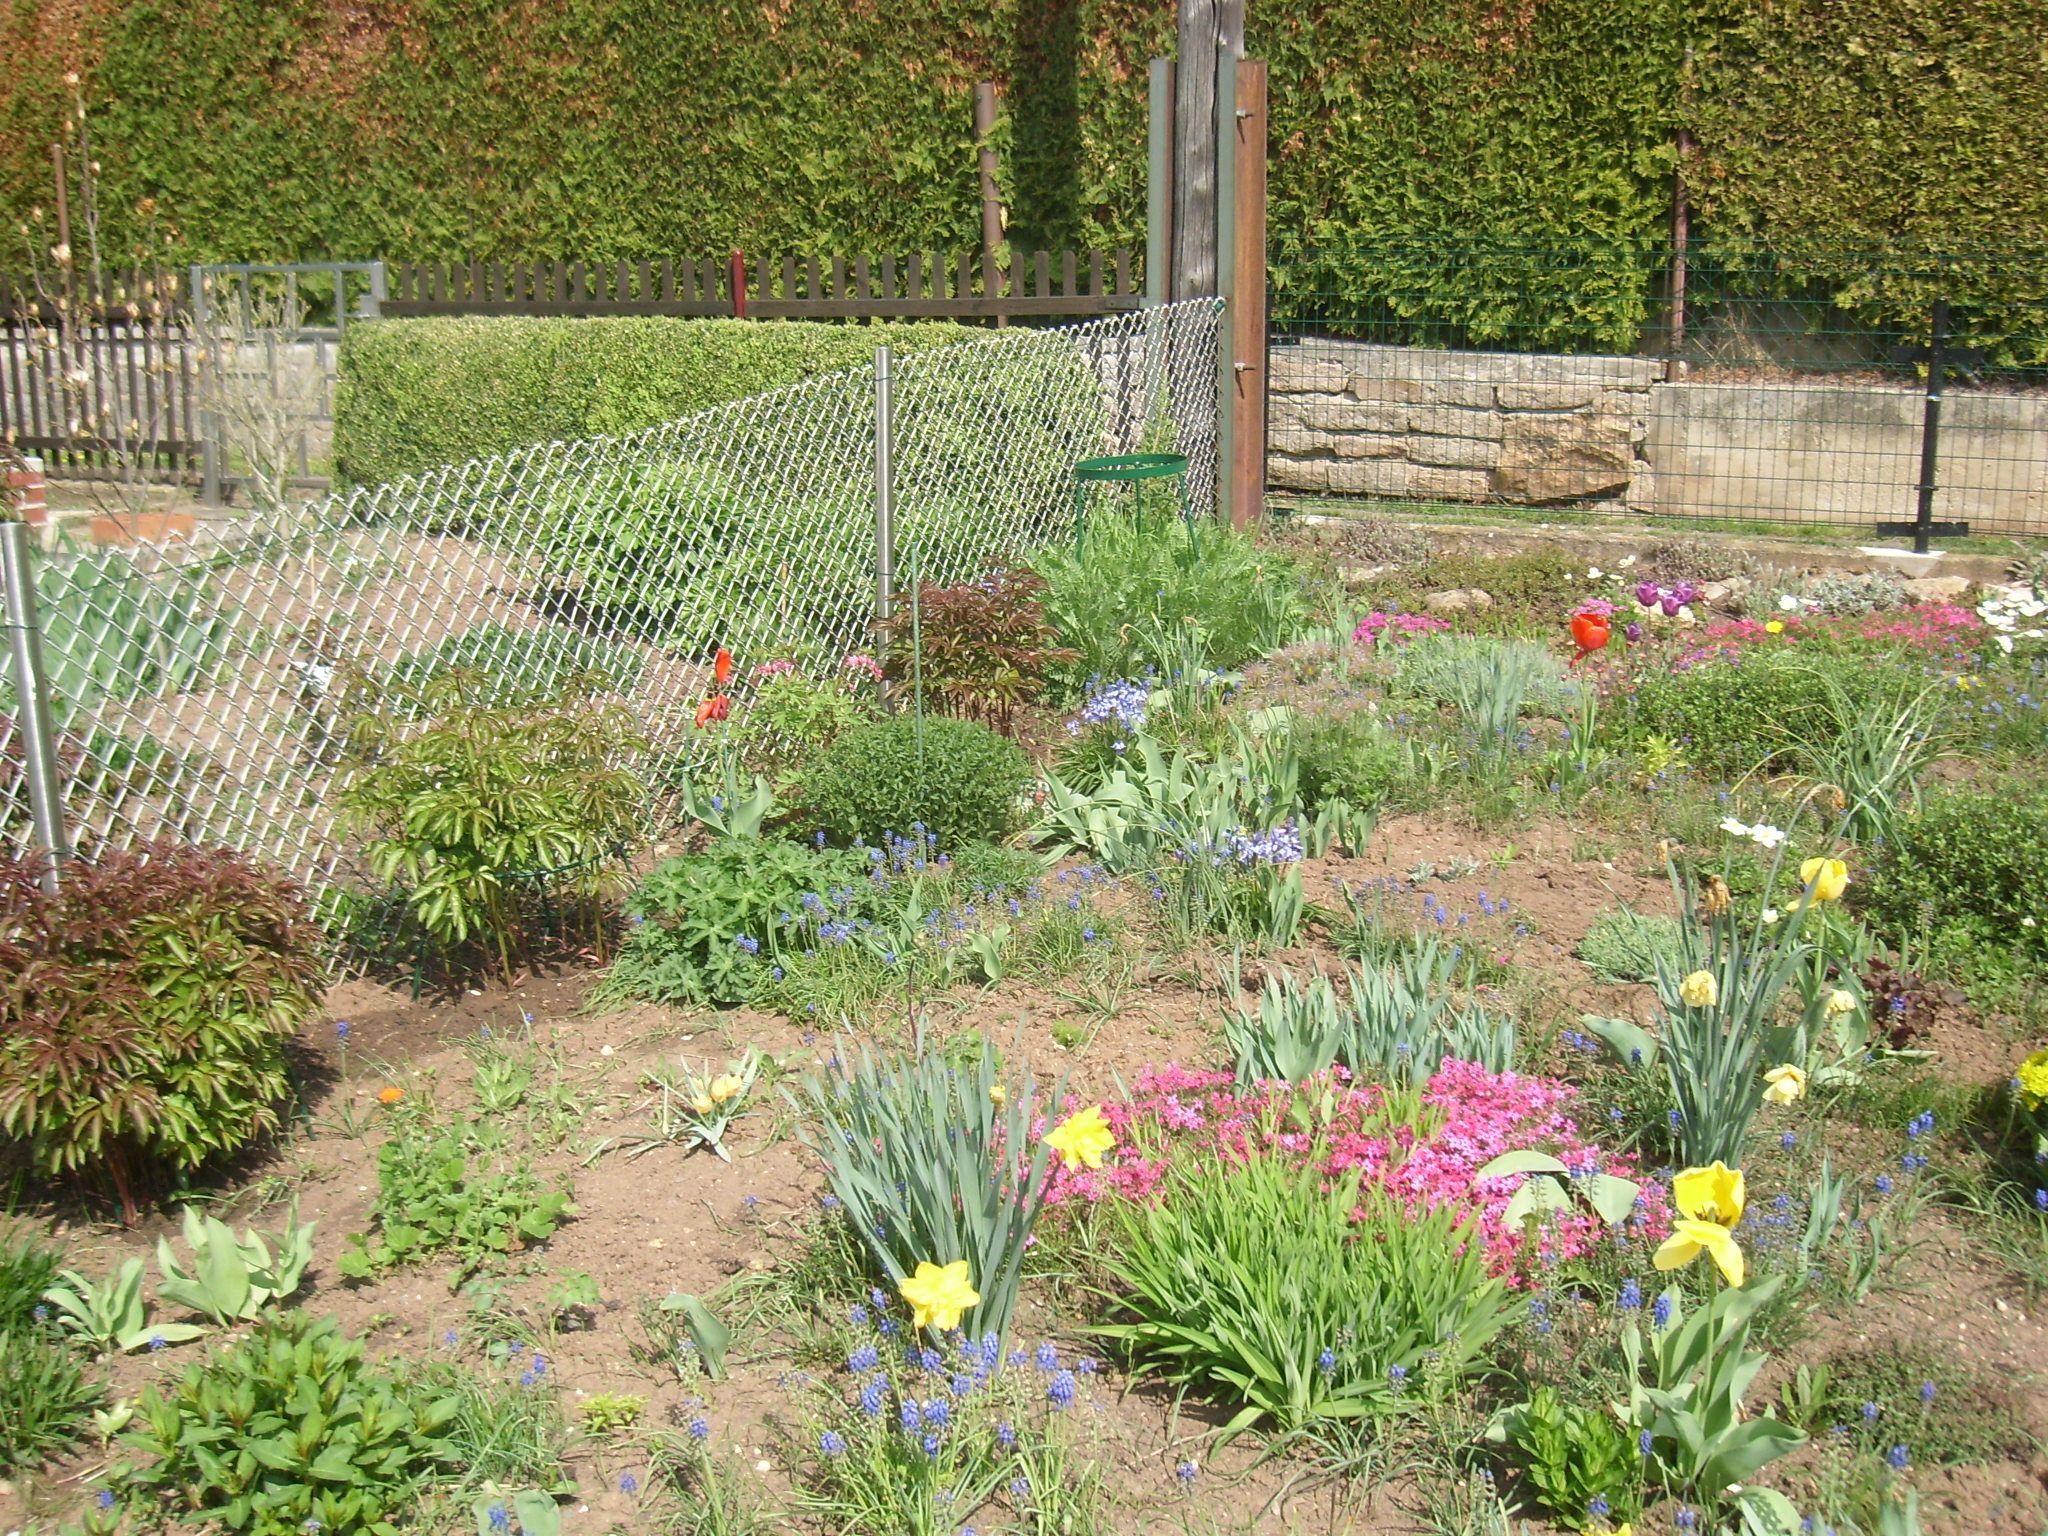 auf der linken Seite am Zaun zwischen den Pfingstrosen sind die Samen aus Tütchen 3 ausgesät ;-)